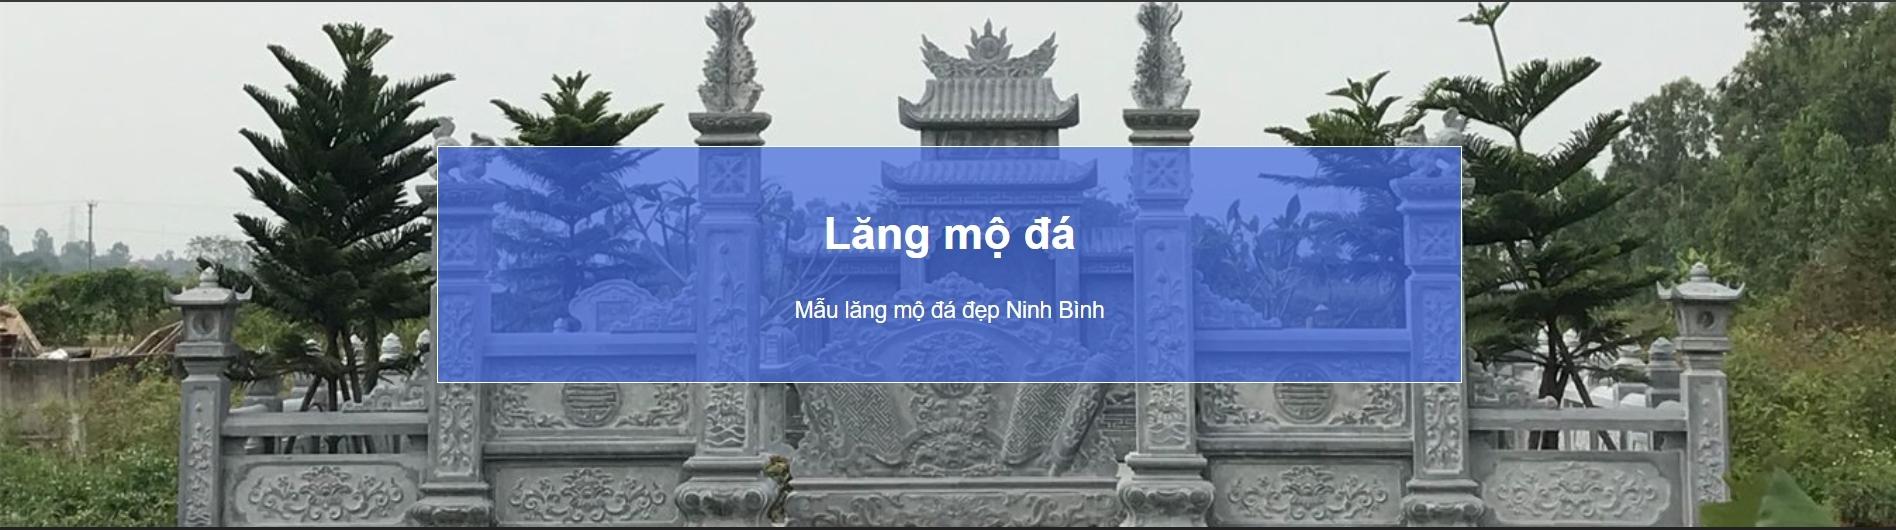 Lăng Mộ Đá Mỹ Nghệ NB (@langmodacom) Cover Image